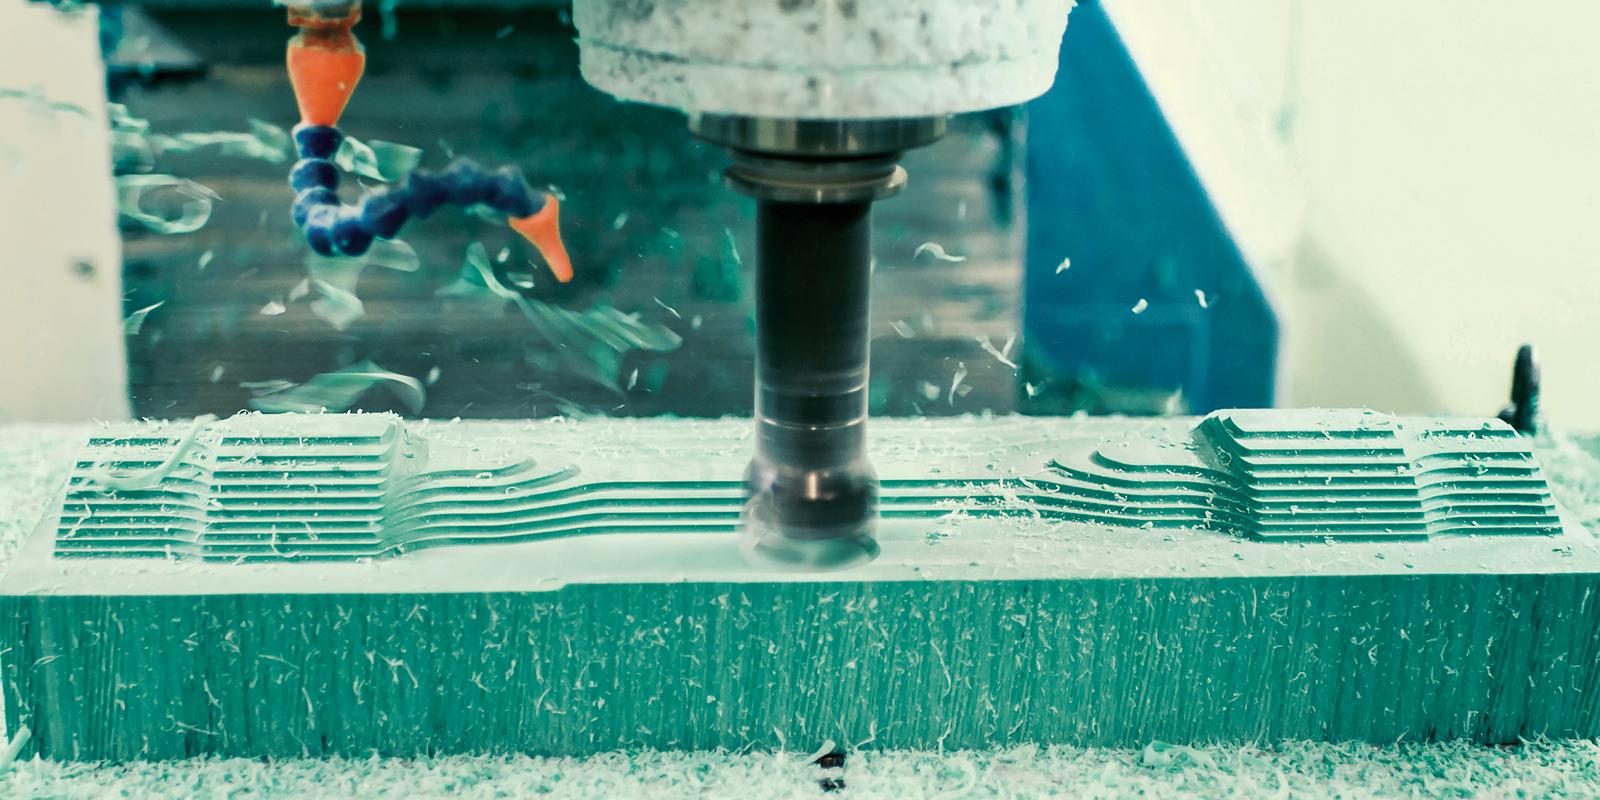 emer-modellbau-image-modellbau-anwendung-kuststoff01